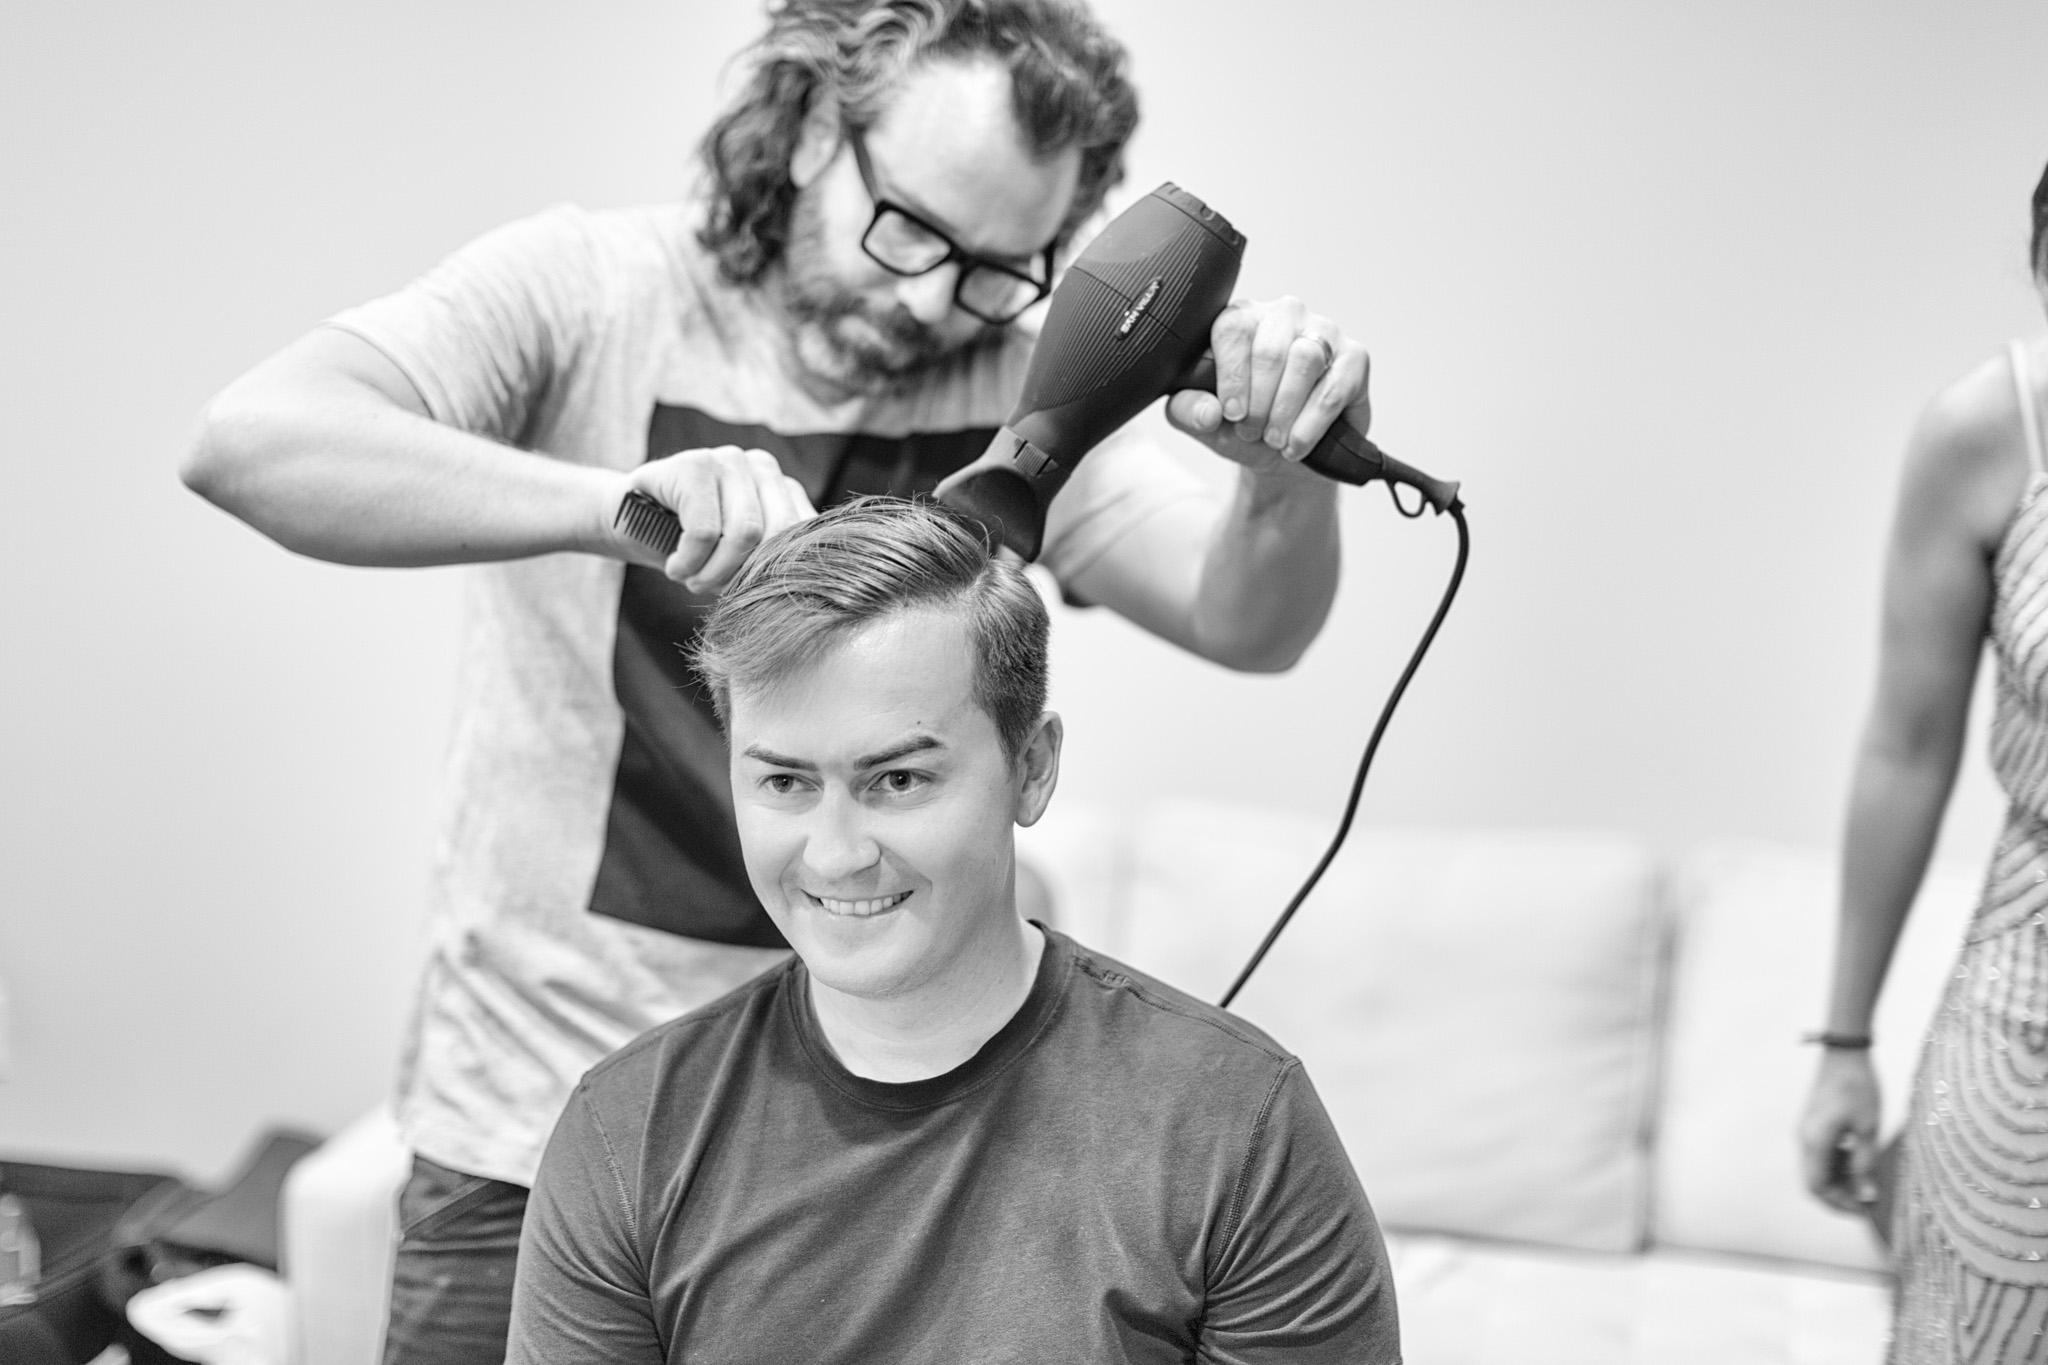 Matt gets his hair done